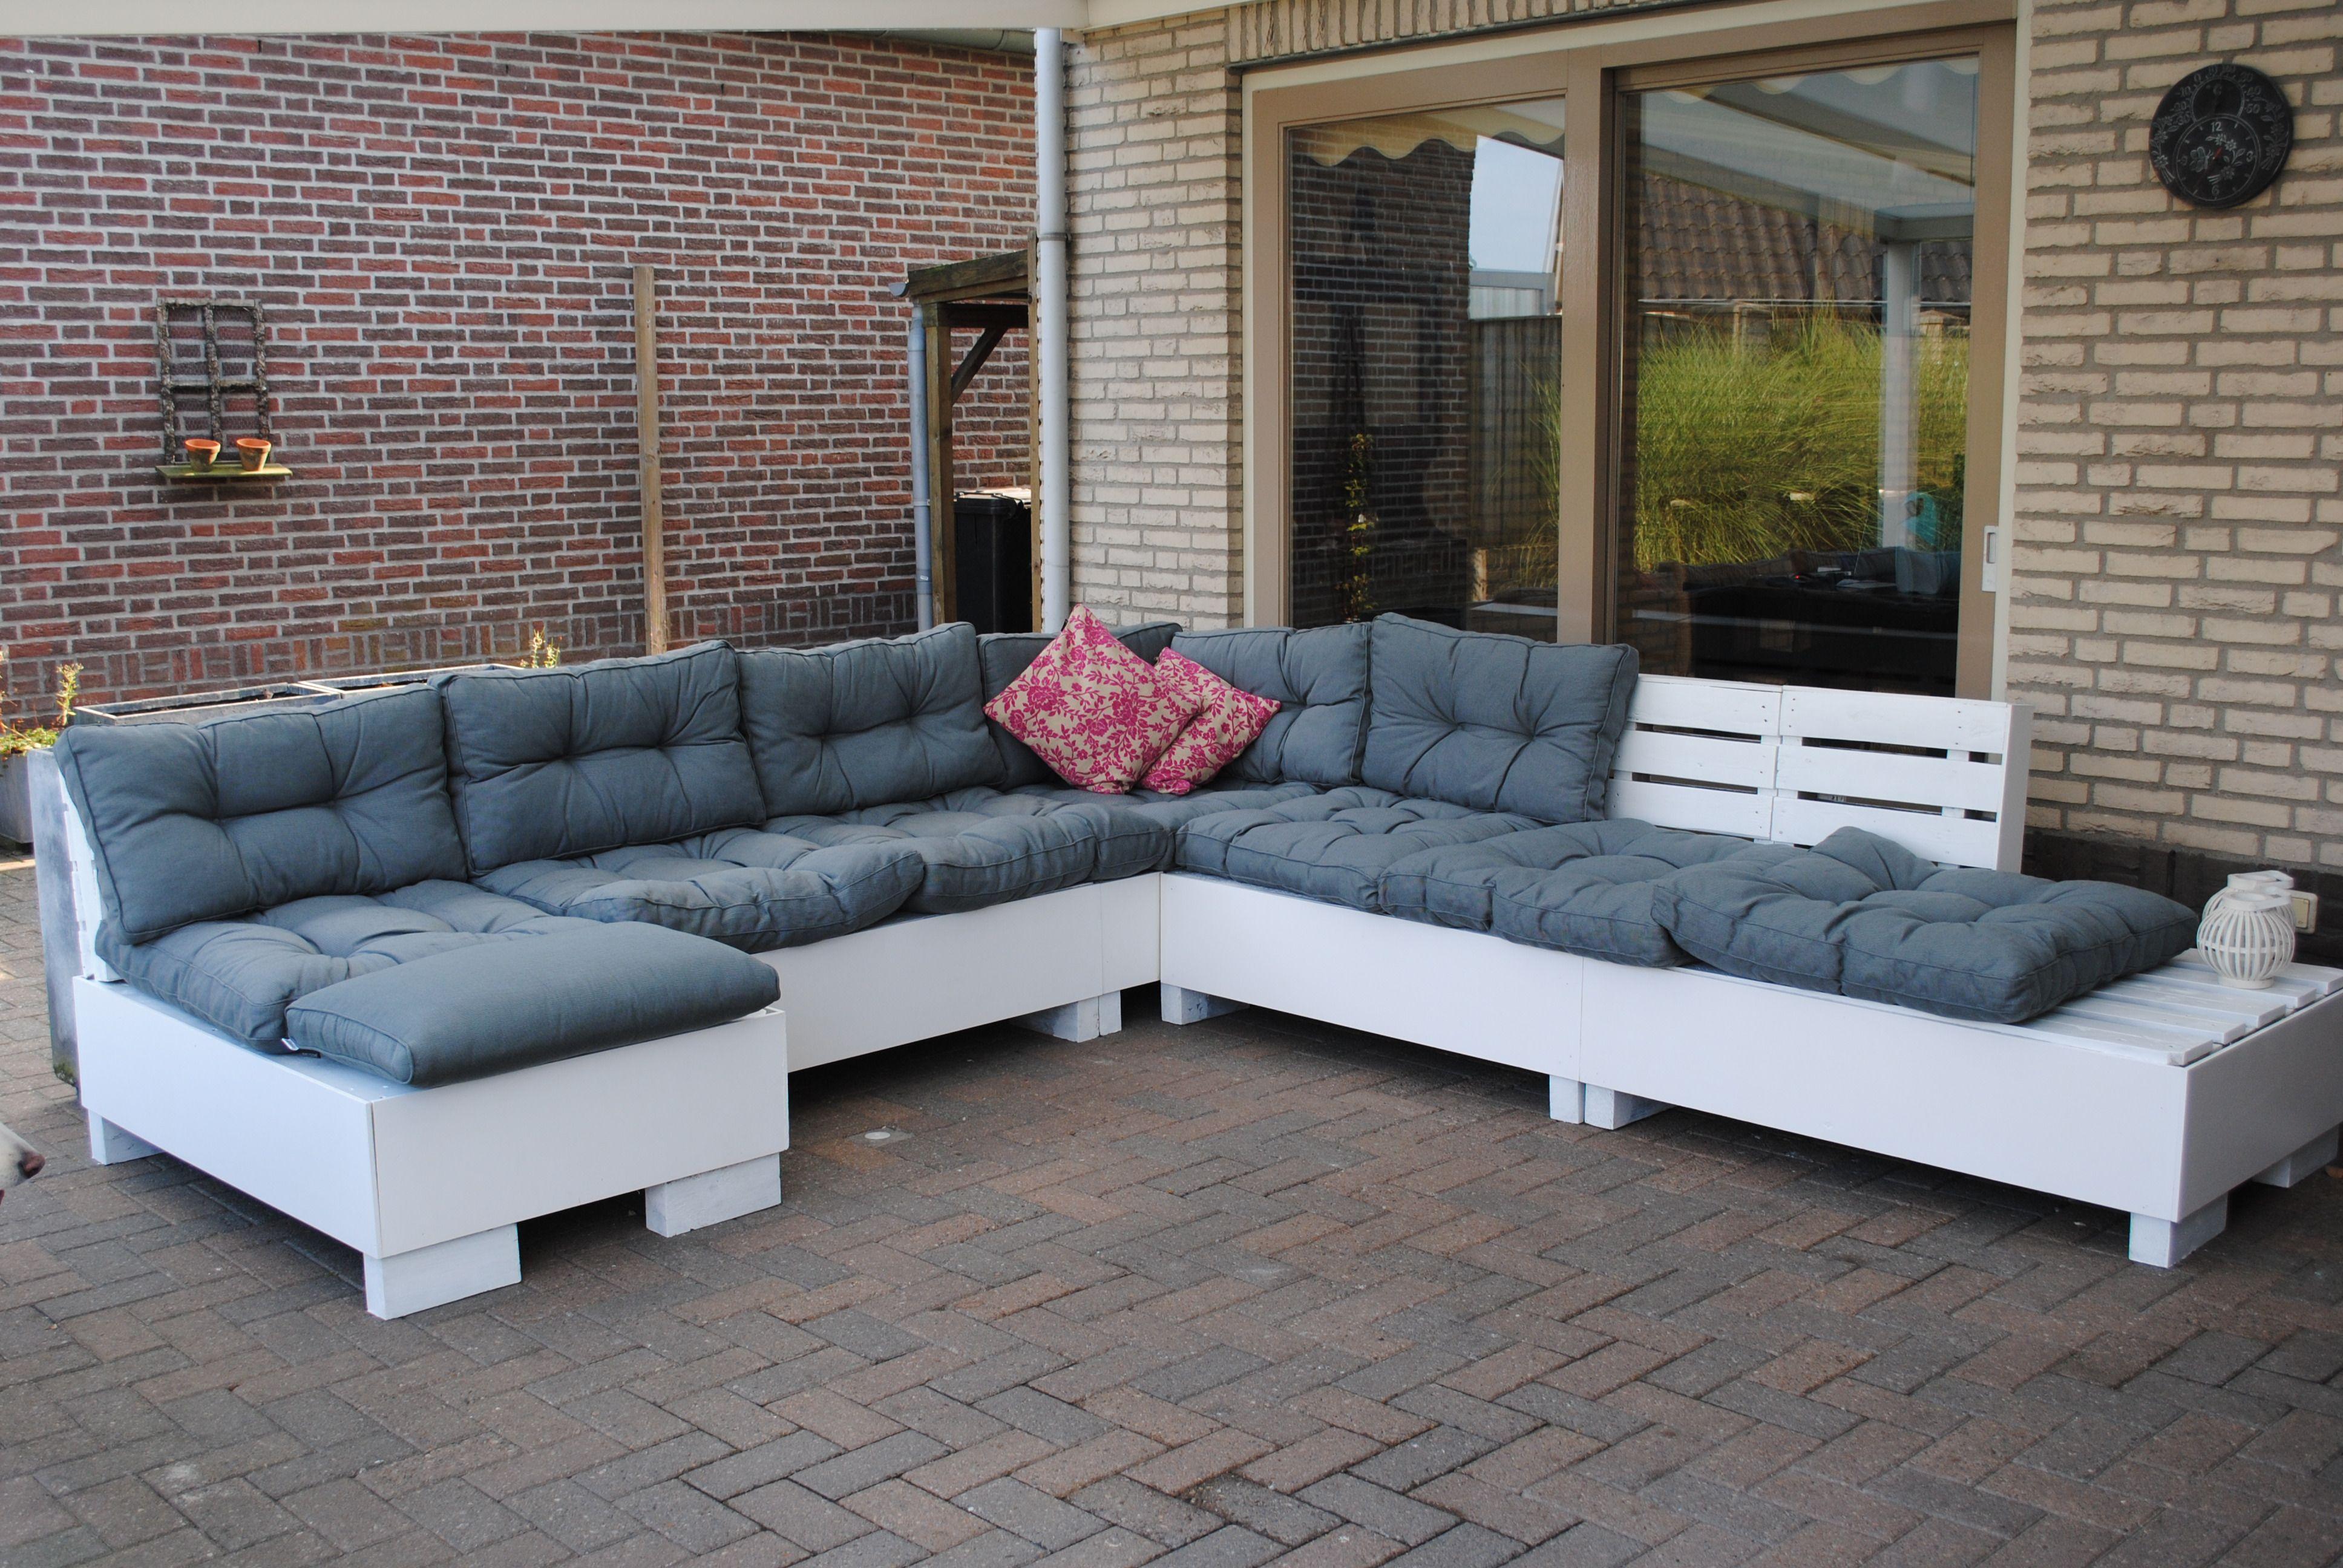 Goedkope Lounge Kussens : Van pallets een lounge gemaakt en de kussen bij van cranenbroek